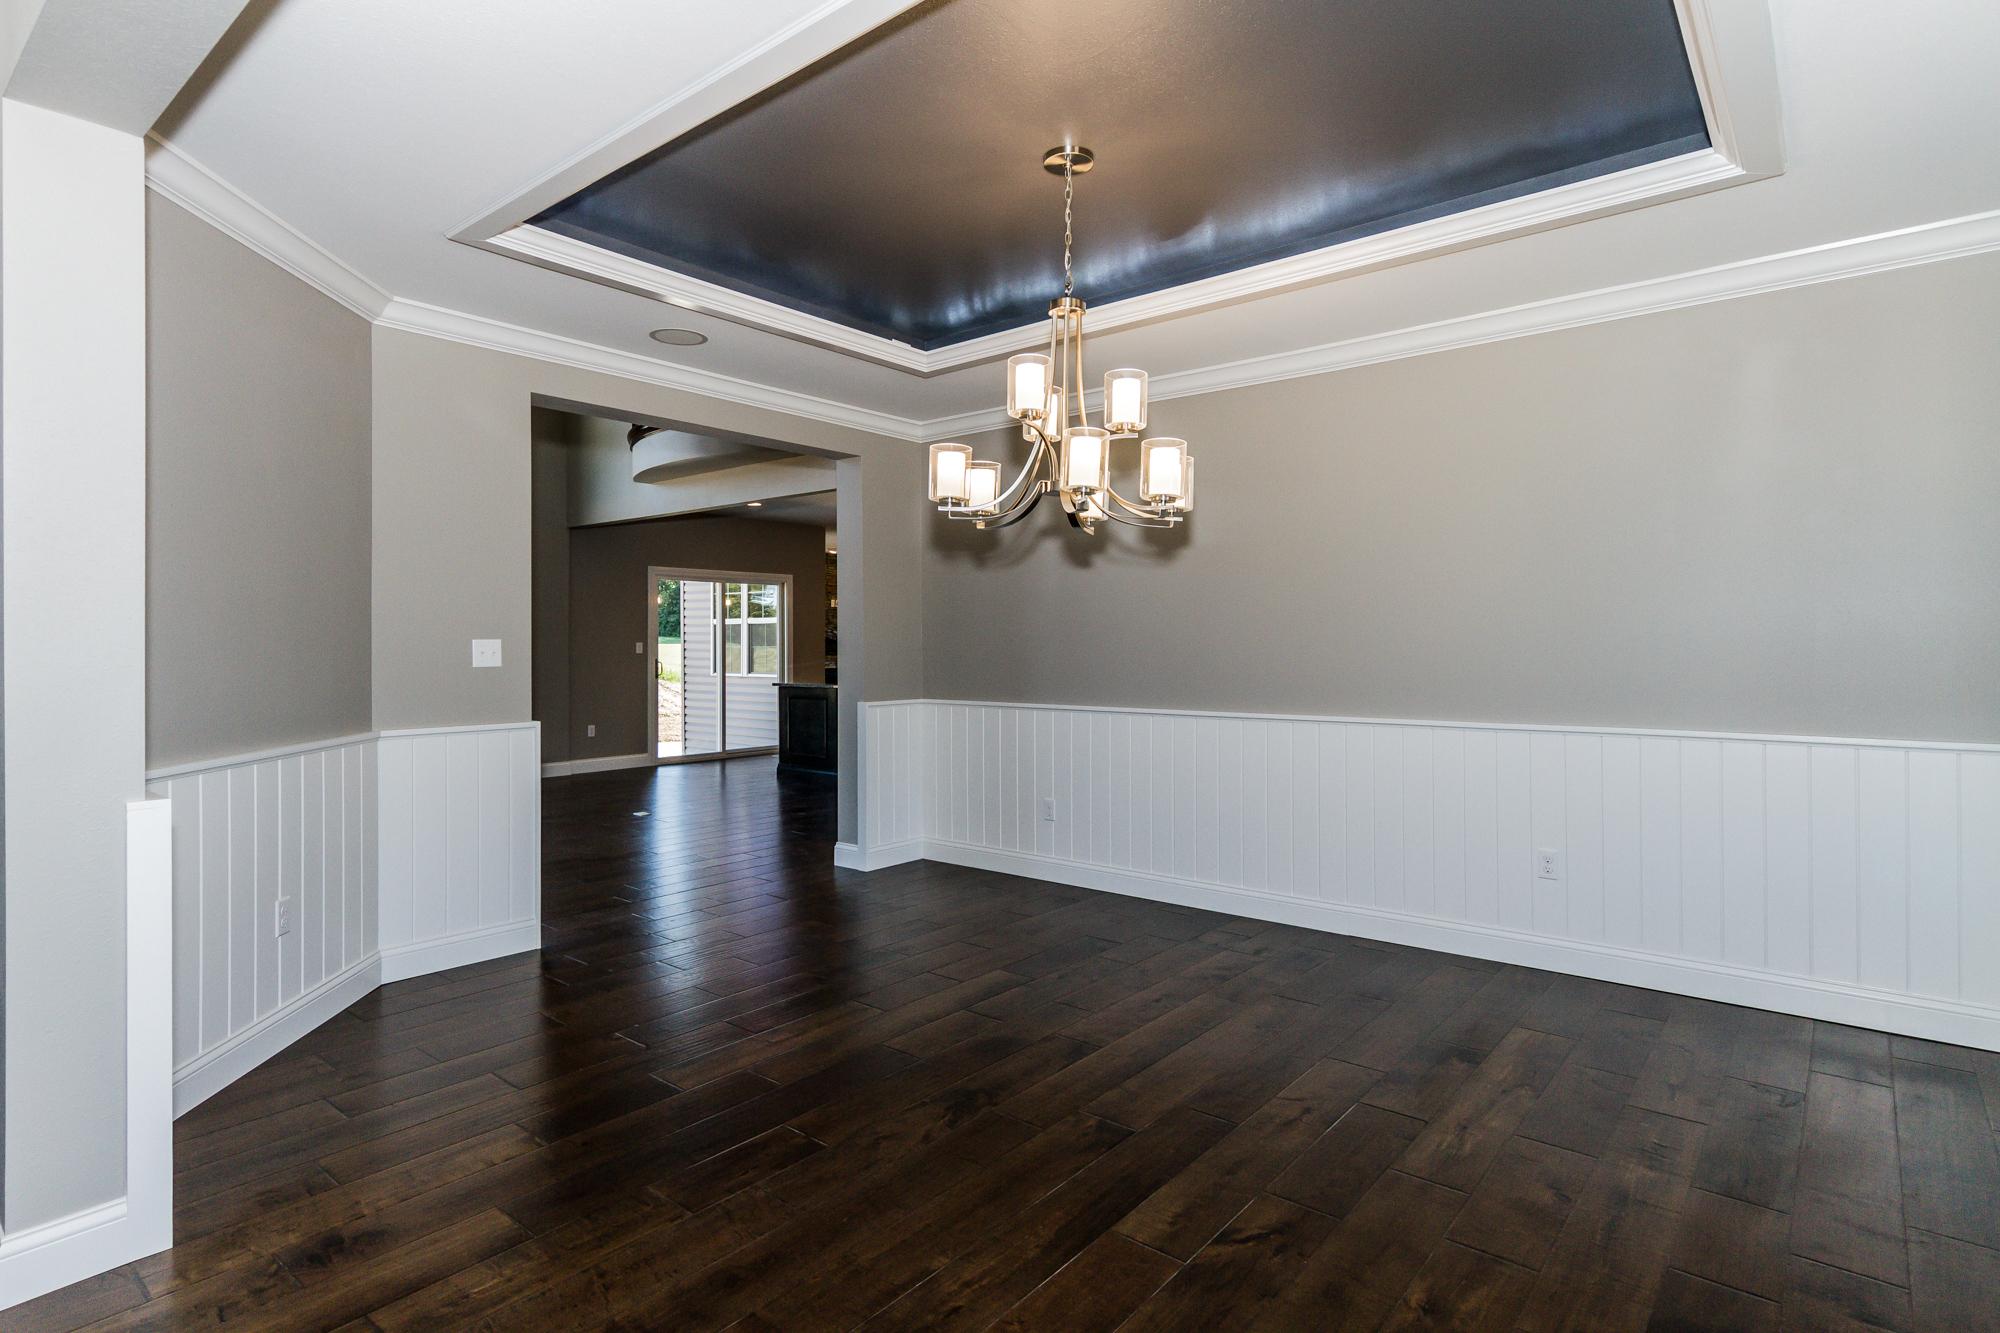 New-Construction-For-Sale-O'Fallon-Illinois-CR-Holland-0-12.jpg